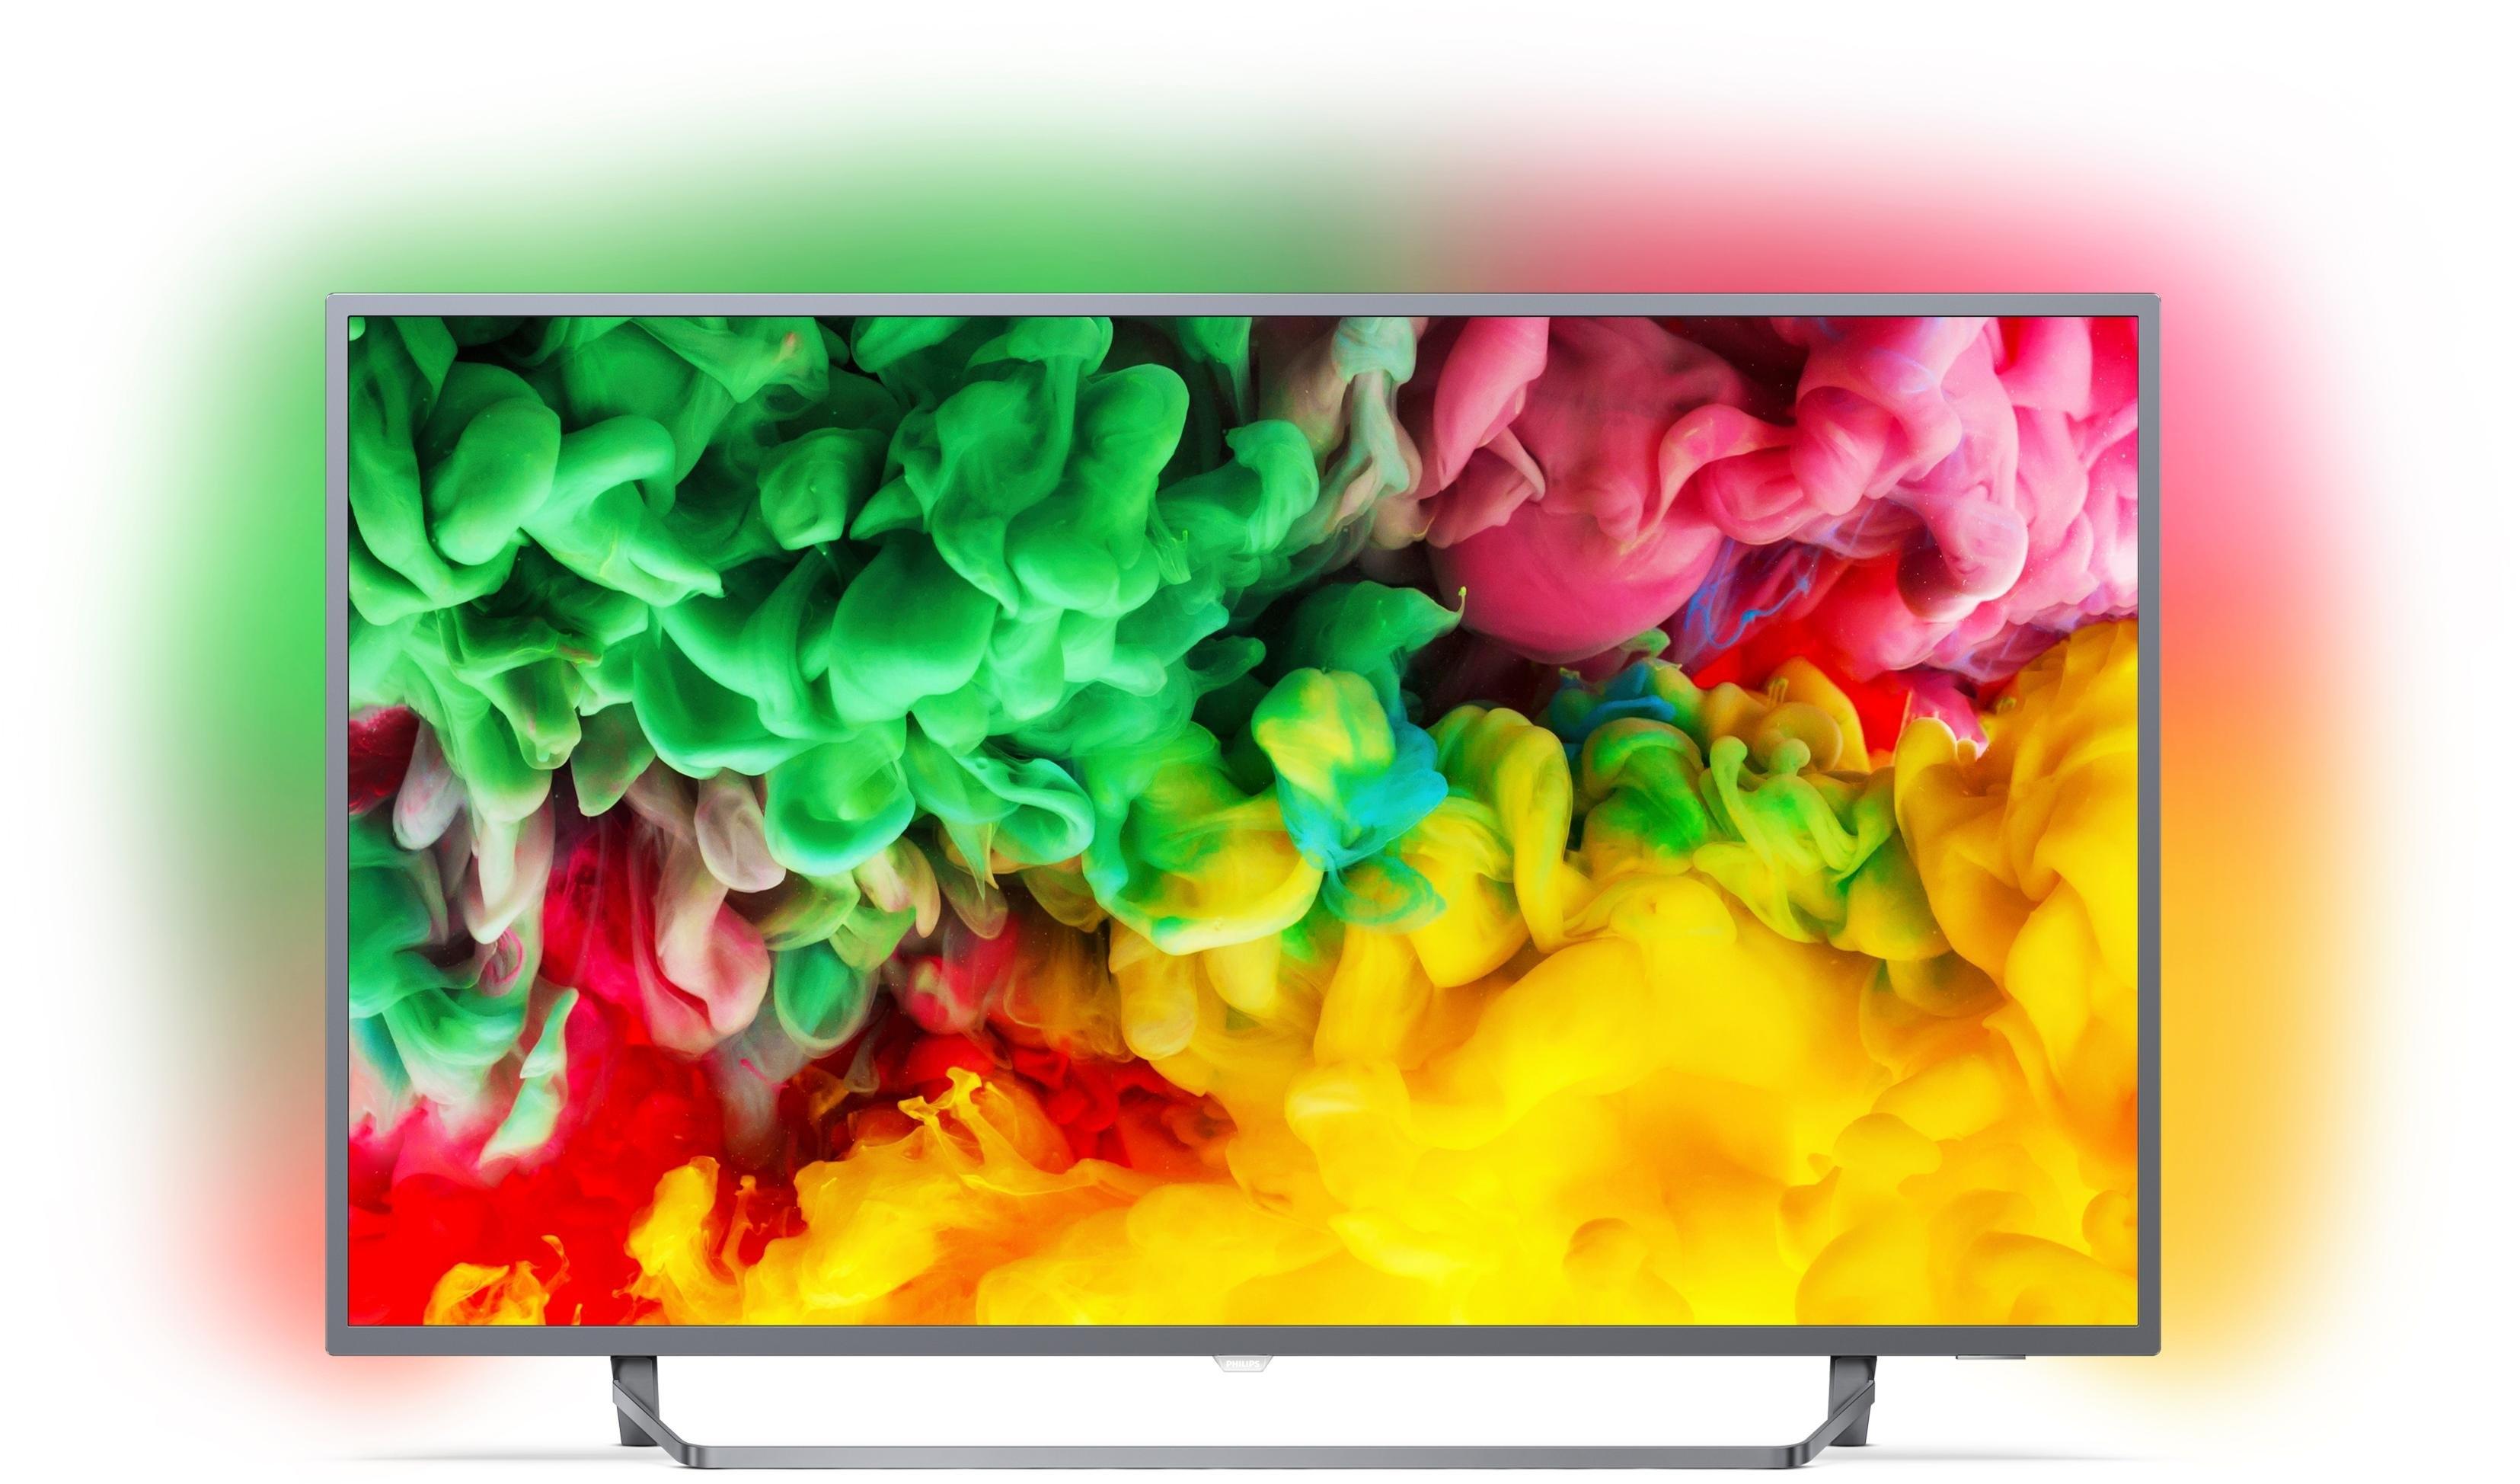 Philips 65PUS6753 led-tv (164 cm / 65 inch), 4K Ultra HD bestellen: 14 dagen bedenktijd